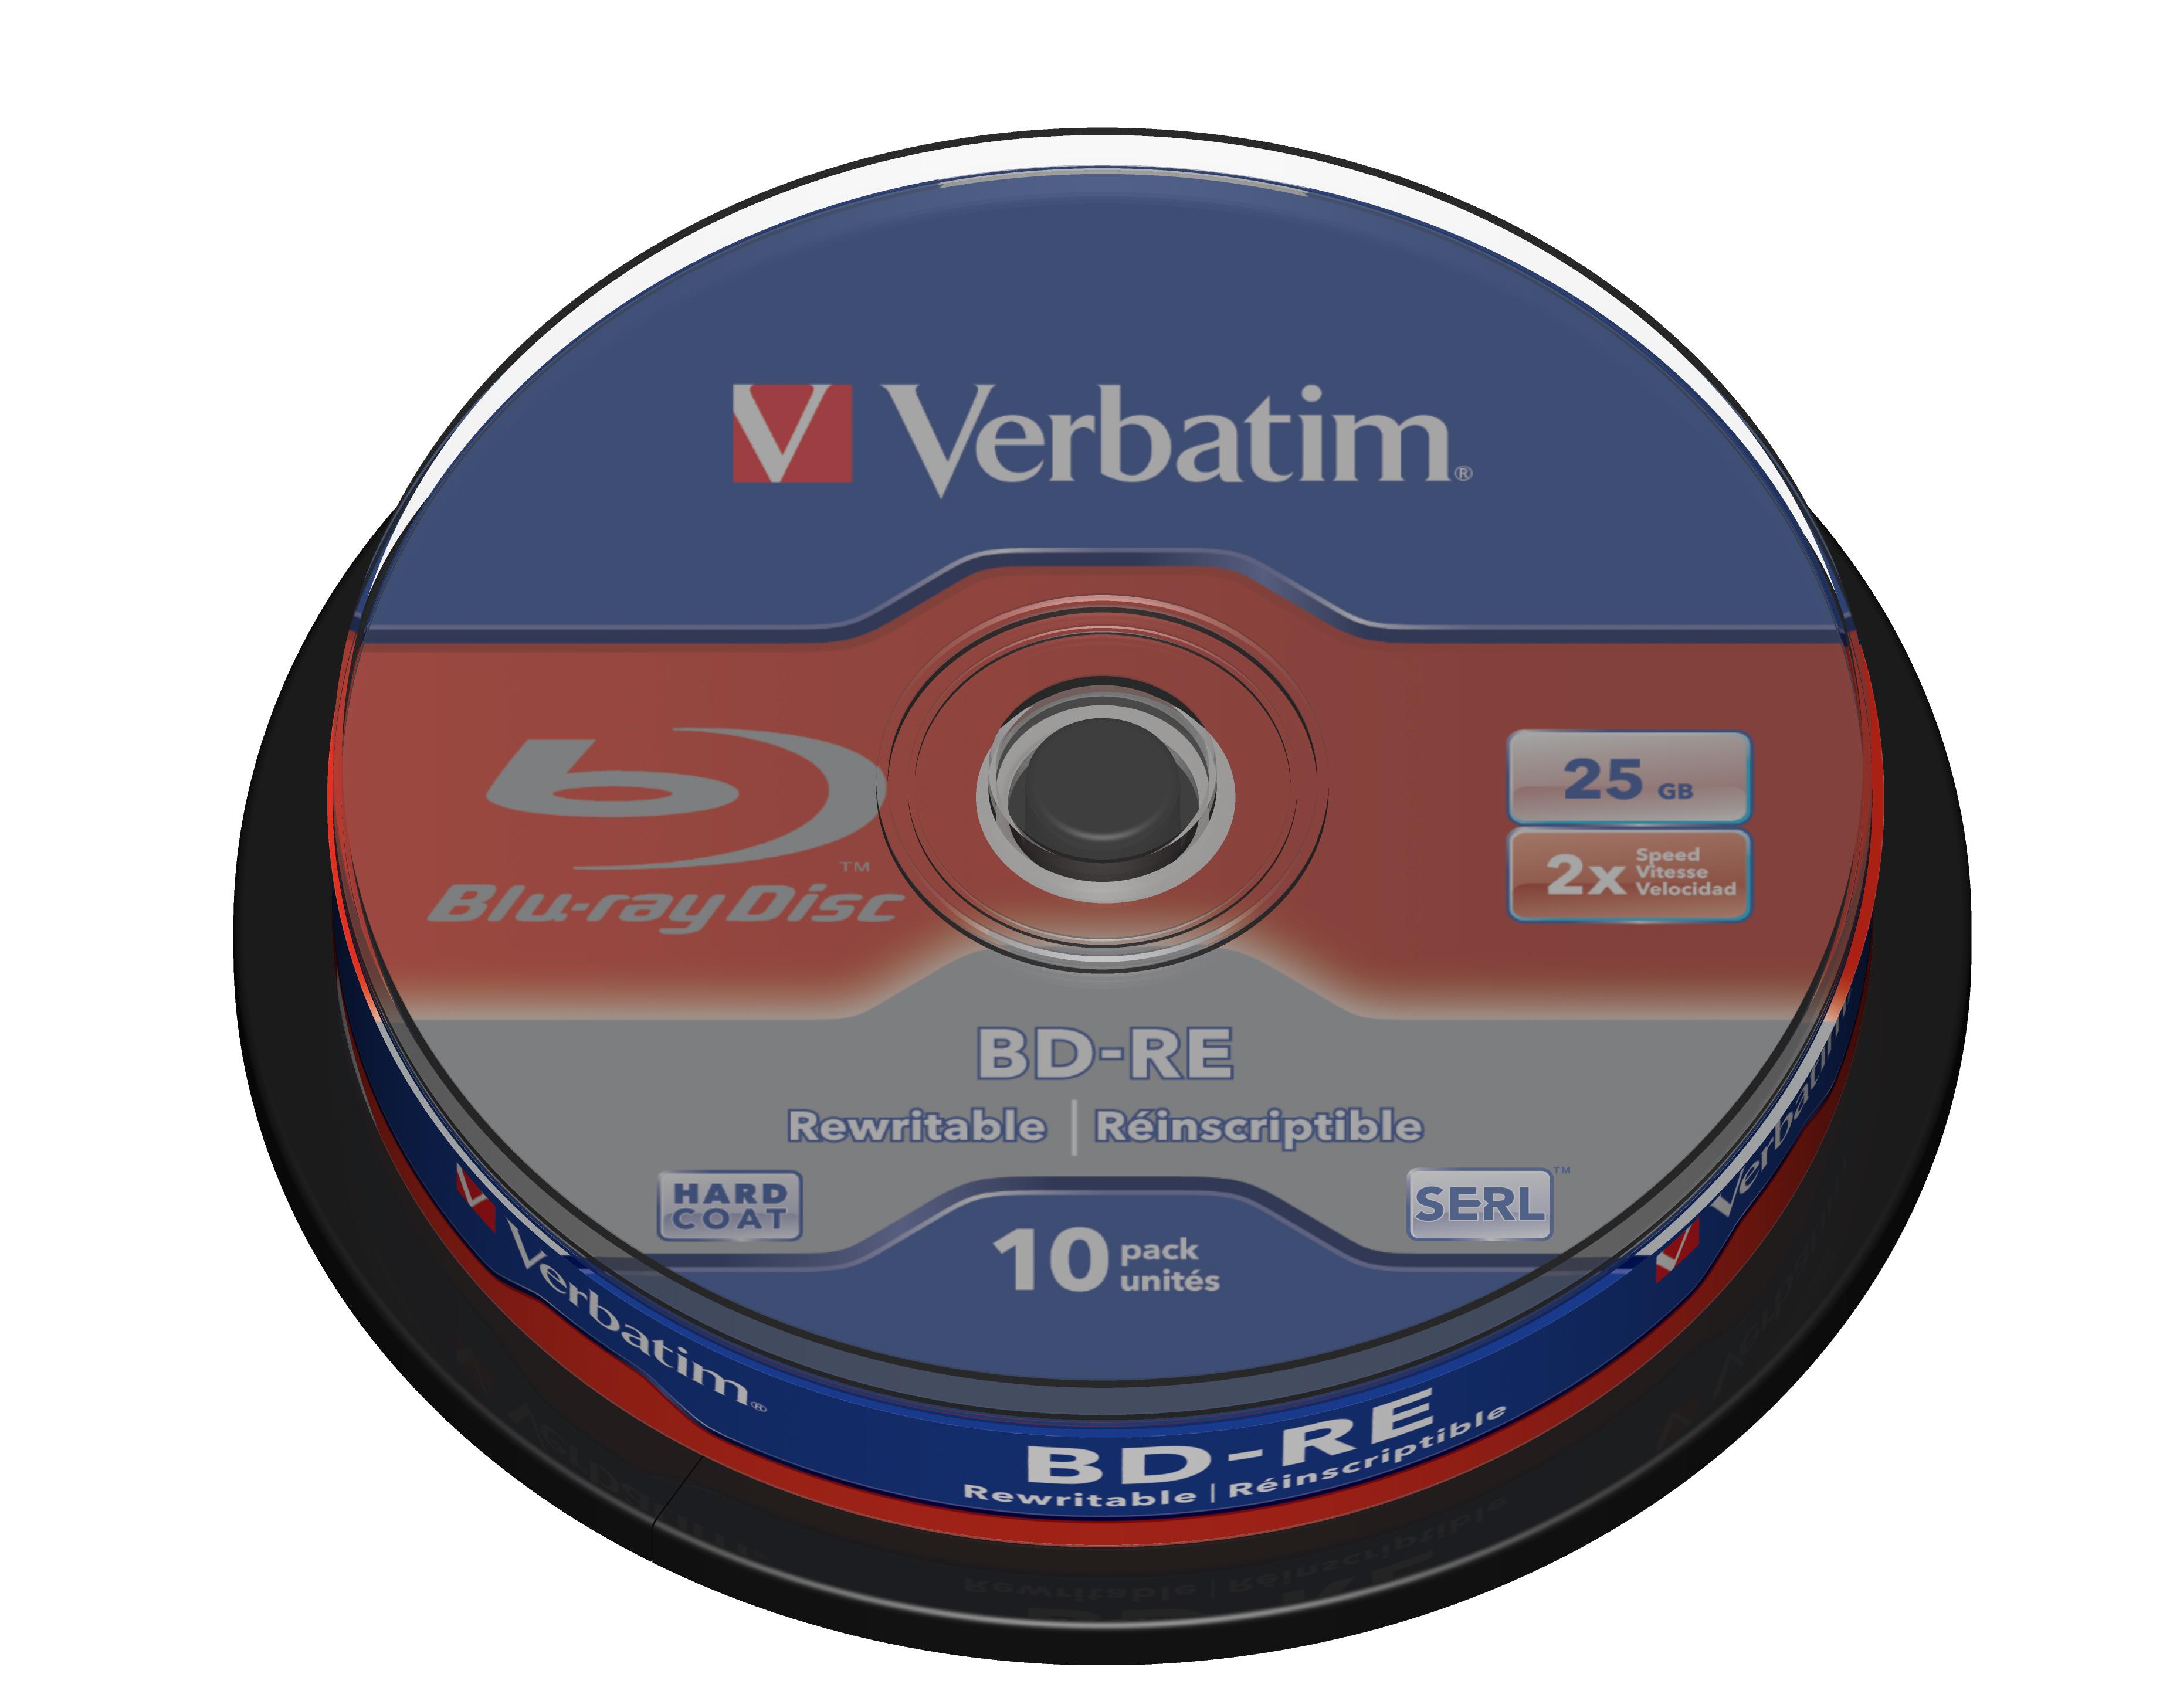 BD-RE 25 GB, 2 speed (10-pack spindel)